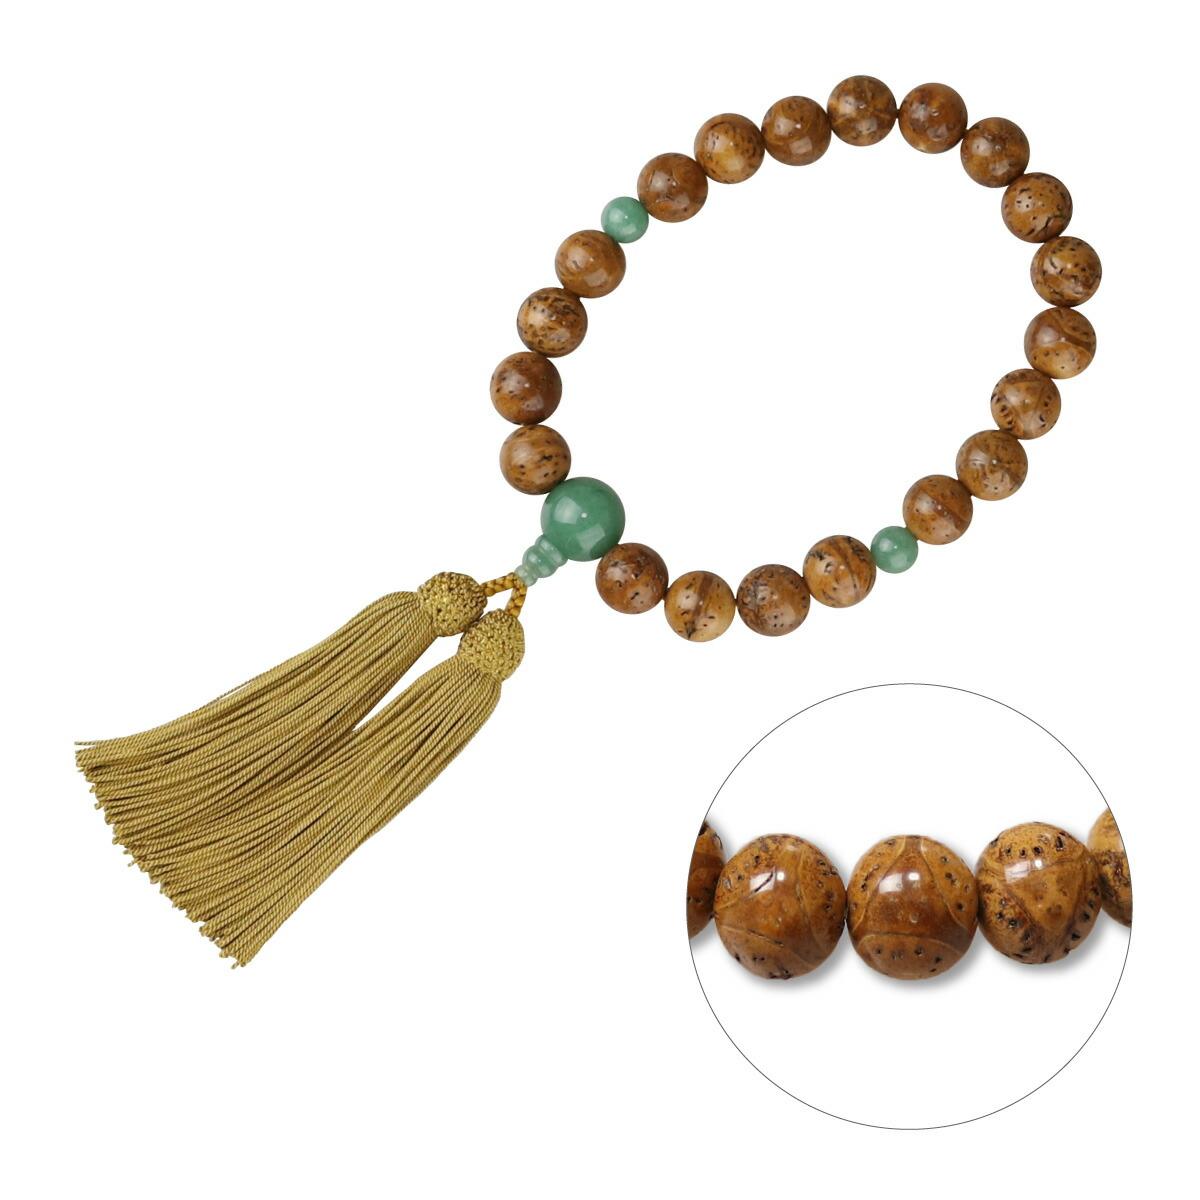 数珠 男性用略式 京念数 全宗派対応 龍眼菩提樹 正絹房